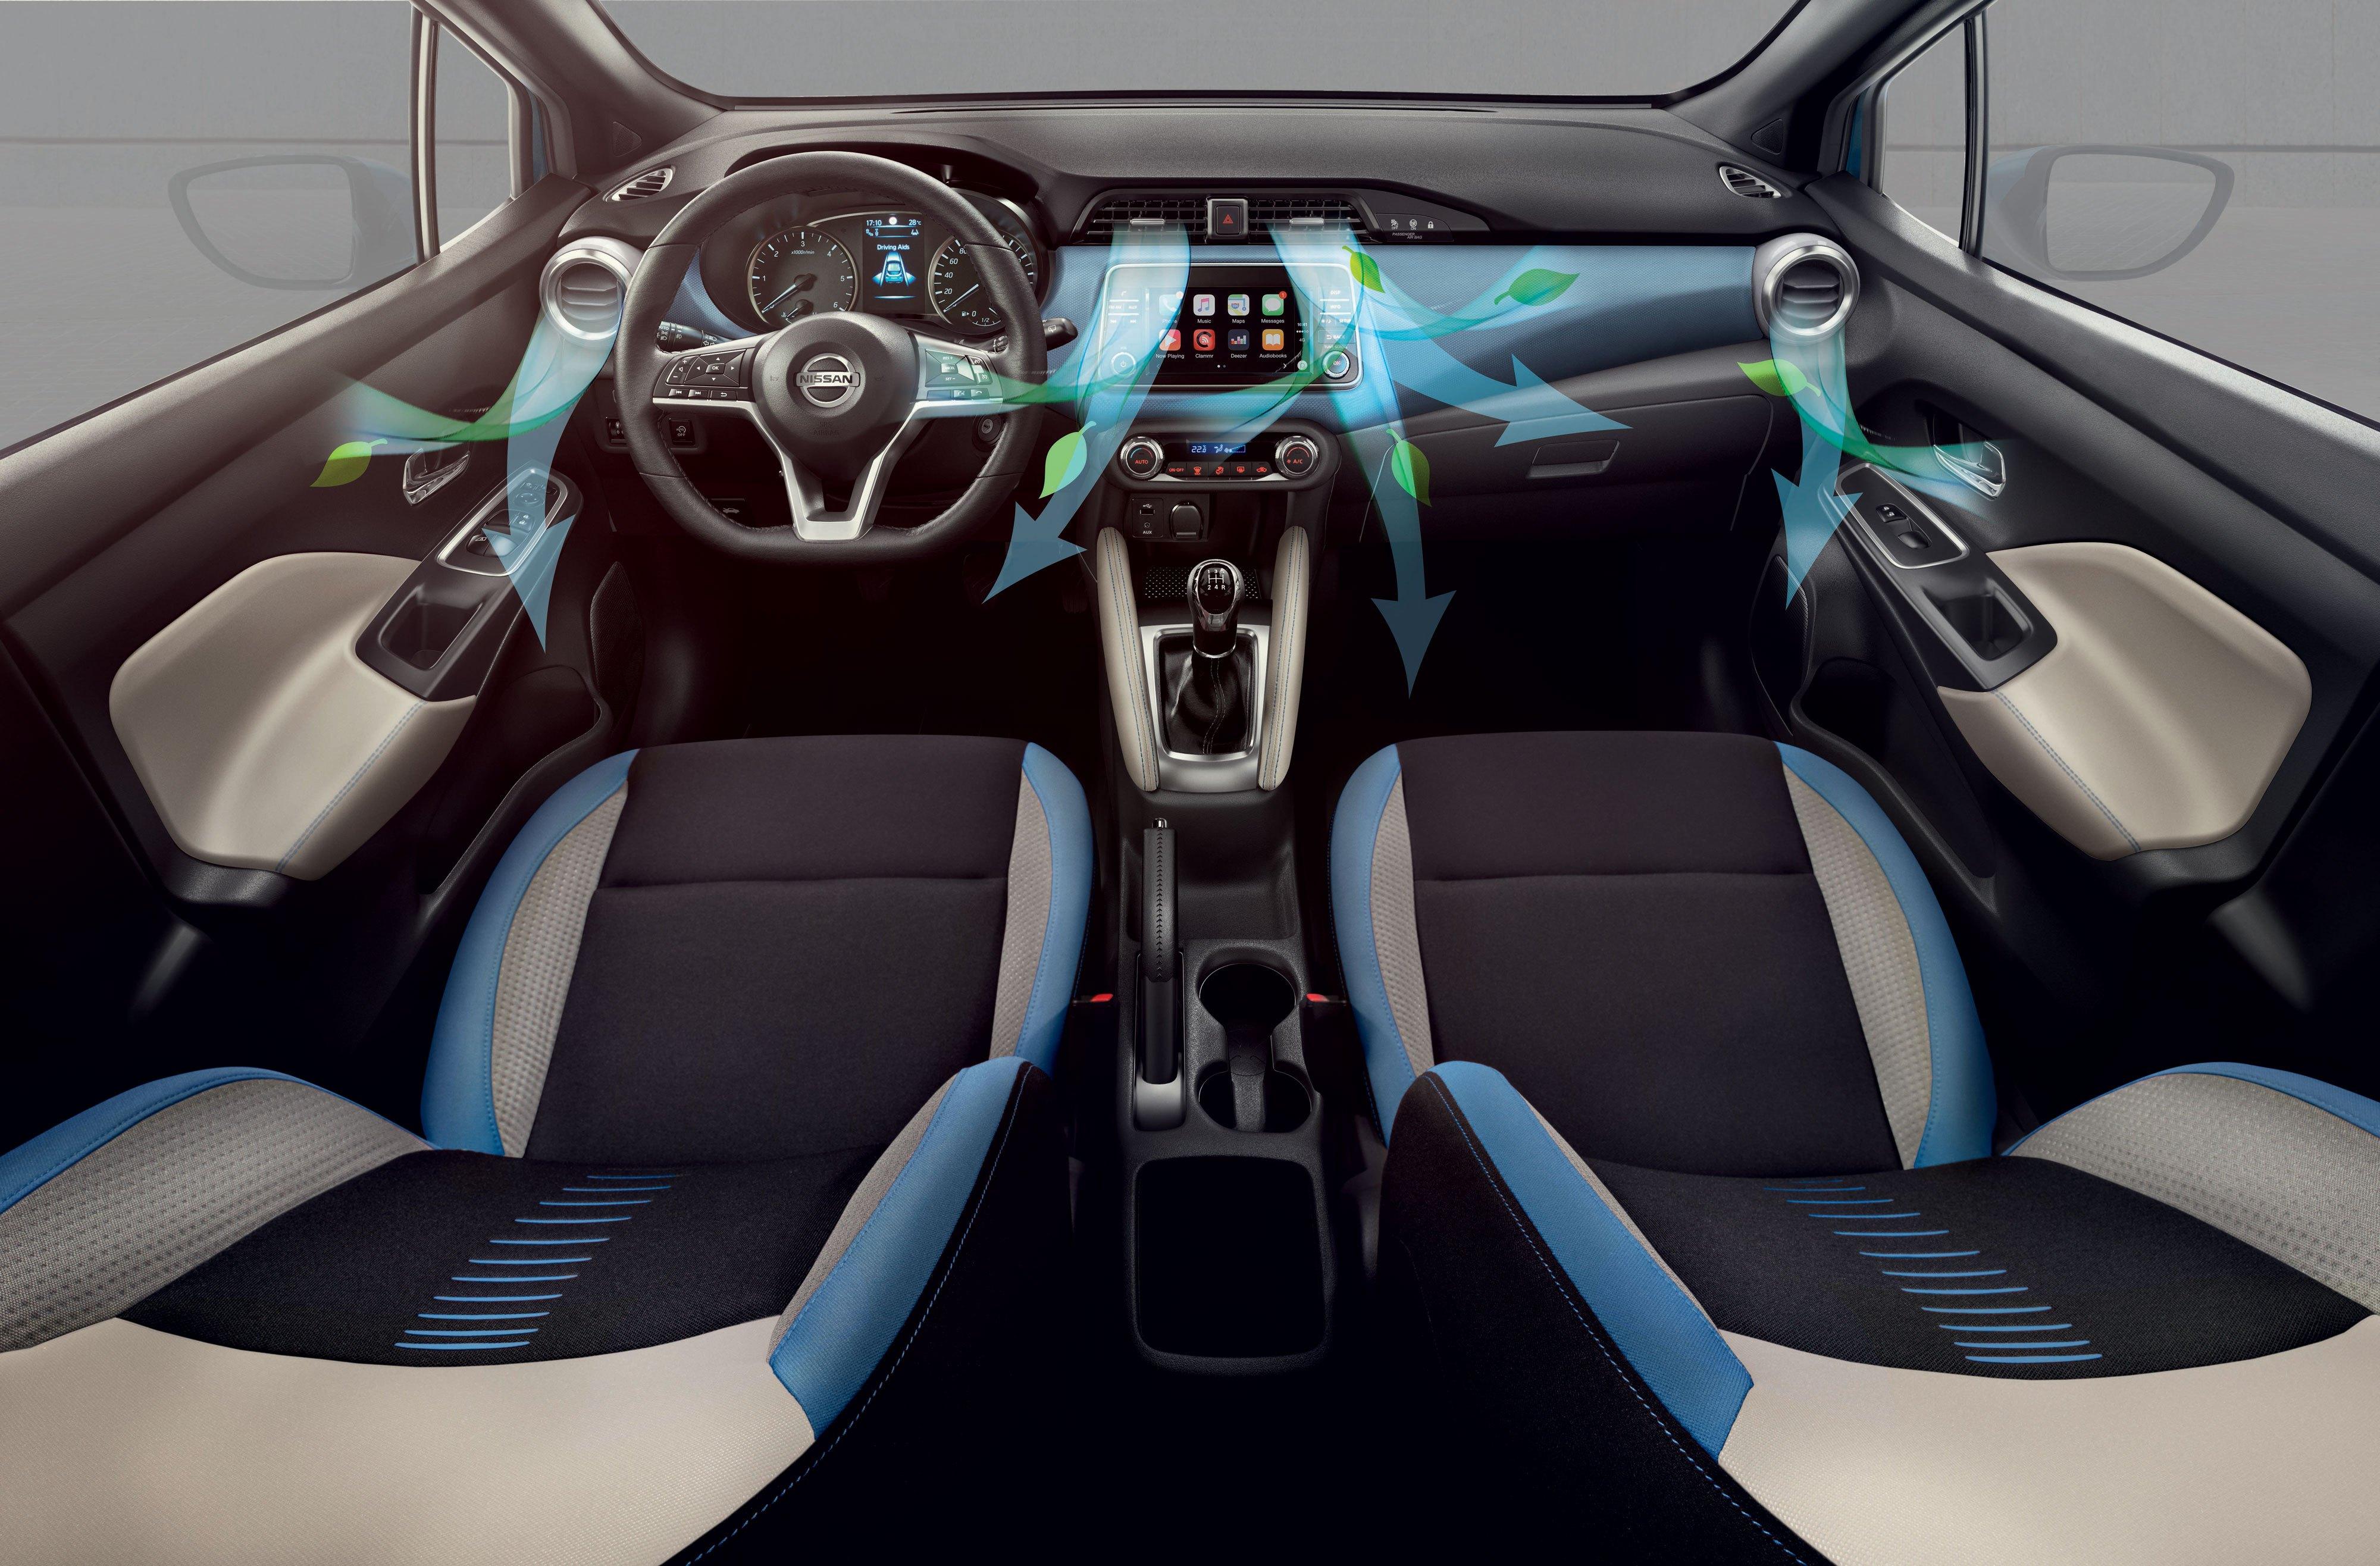 Προστασία και ευεξία των επιβατών  με τα νέα φίλτρα αέρος  καμπίνας σε μοντέλα της Nissan